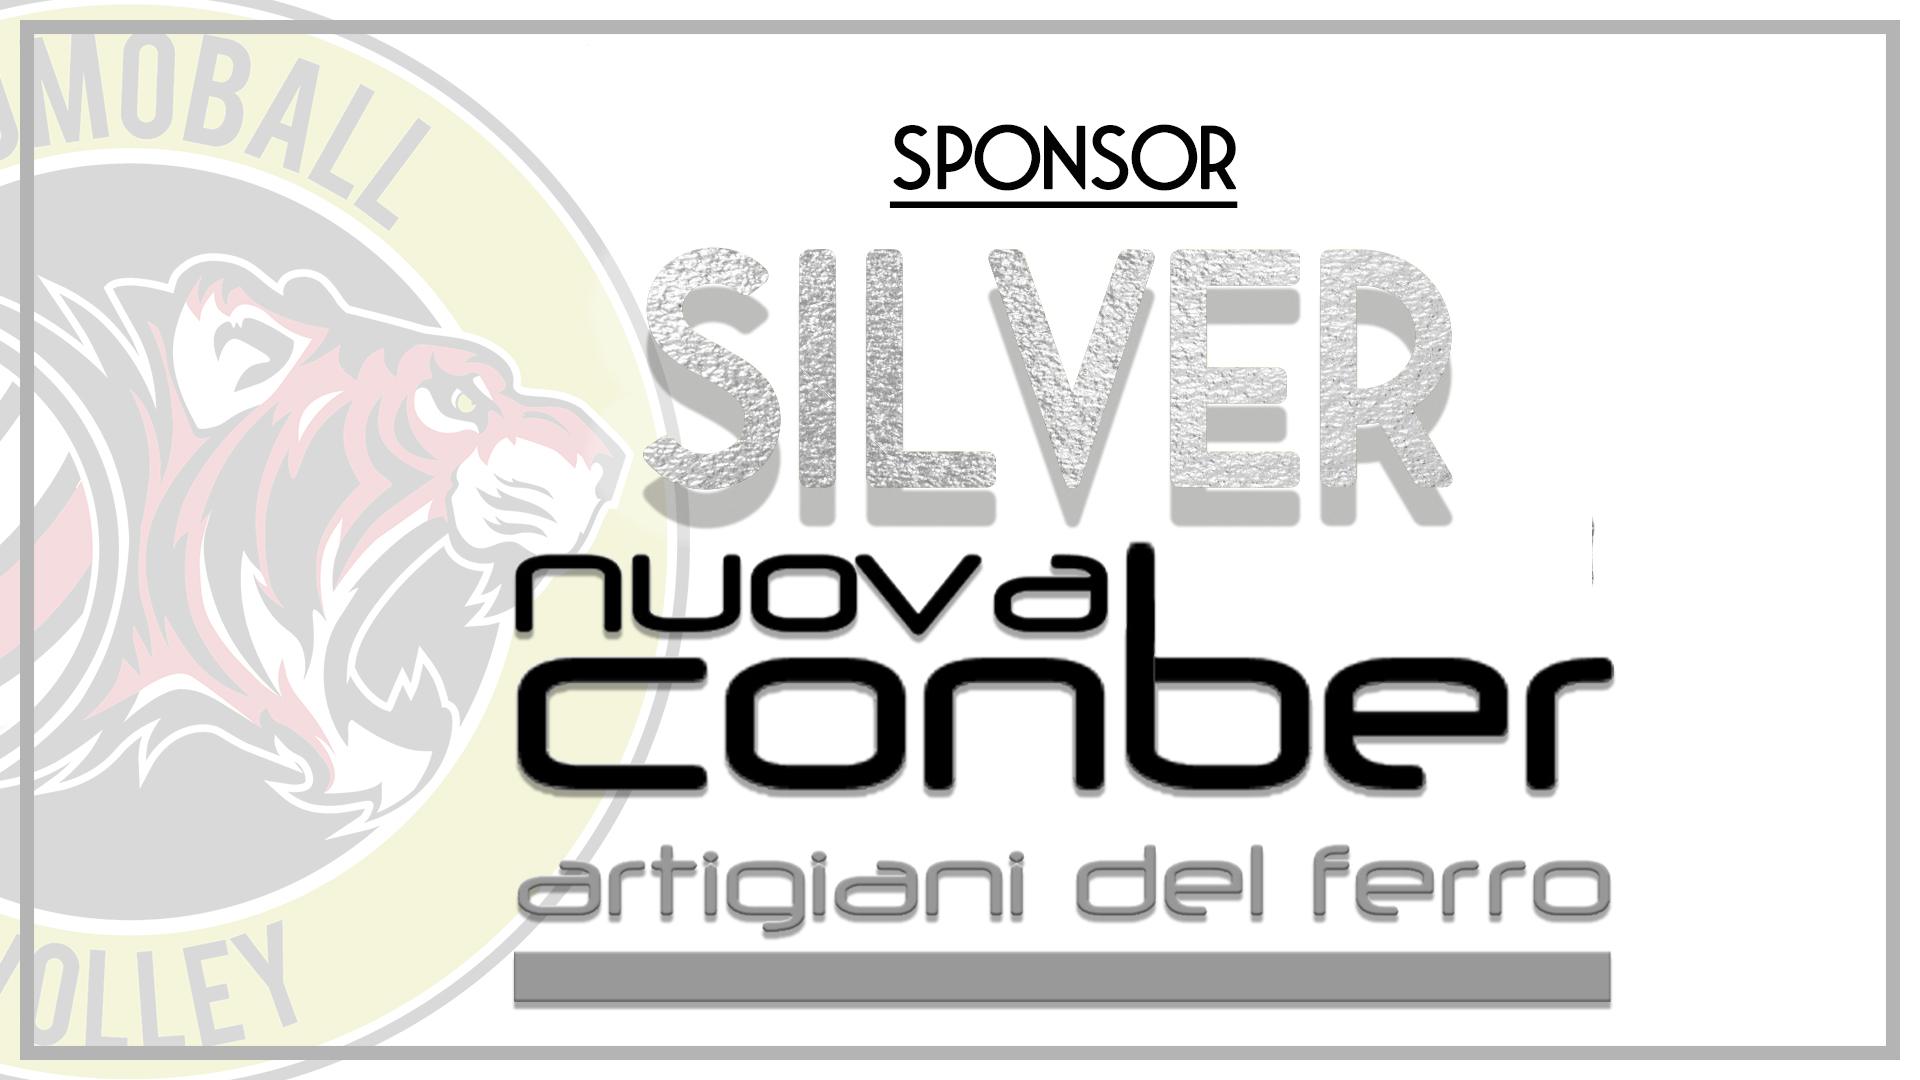 ambizioni sponsor nuova Conber